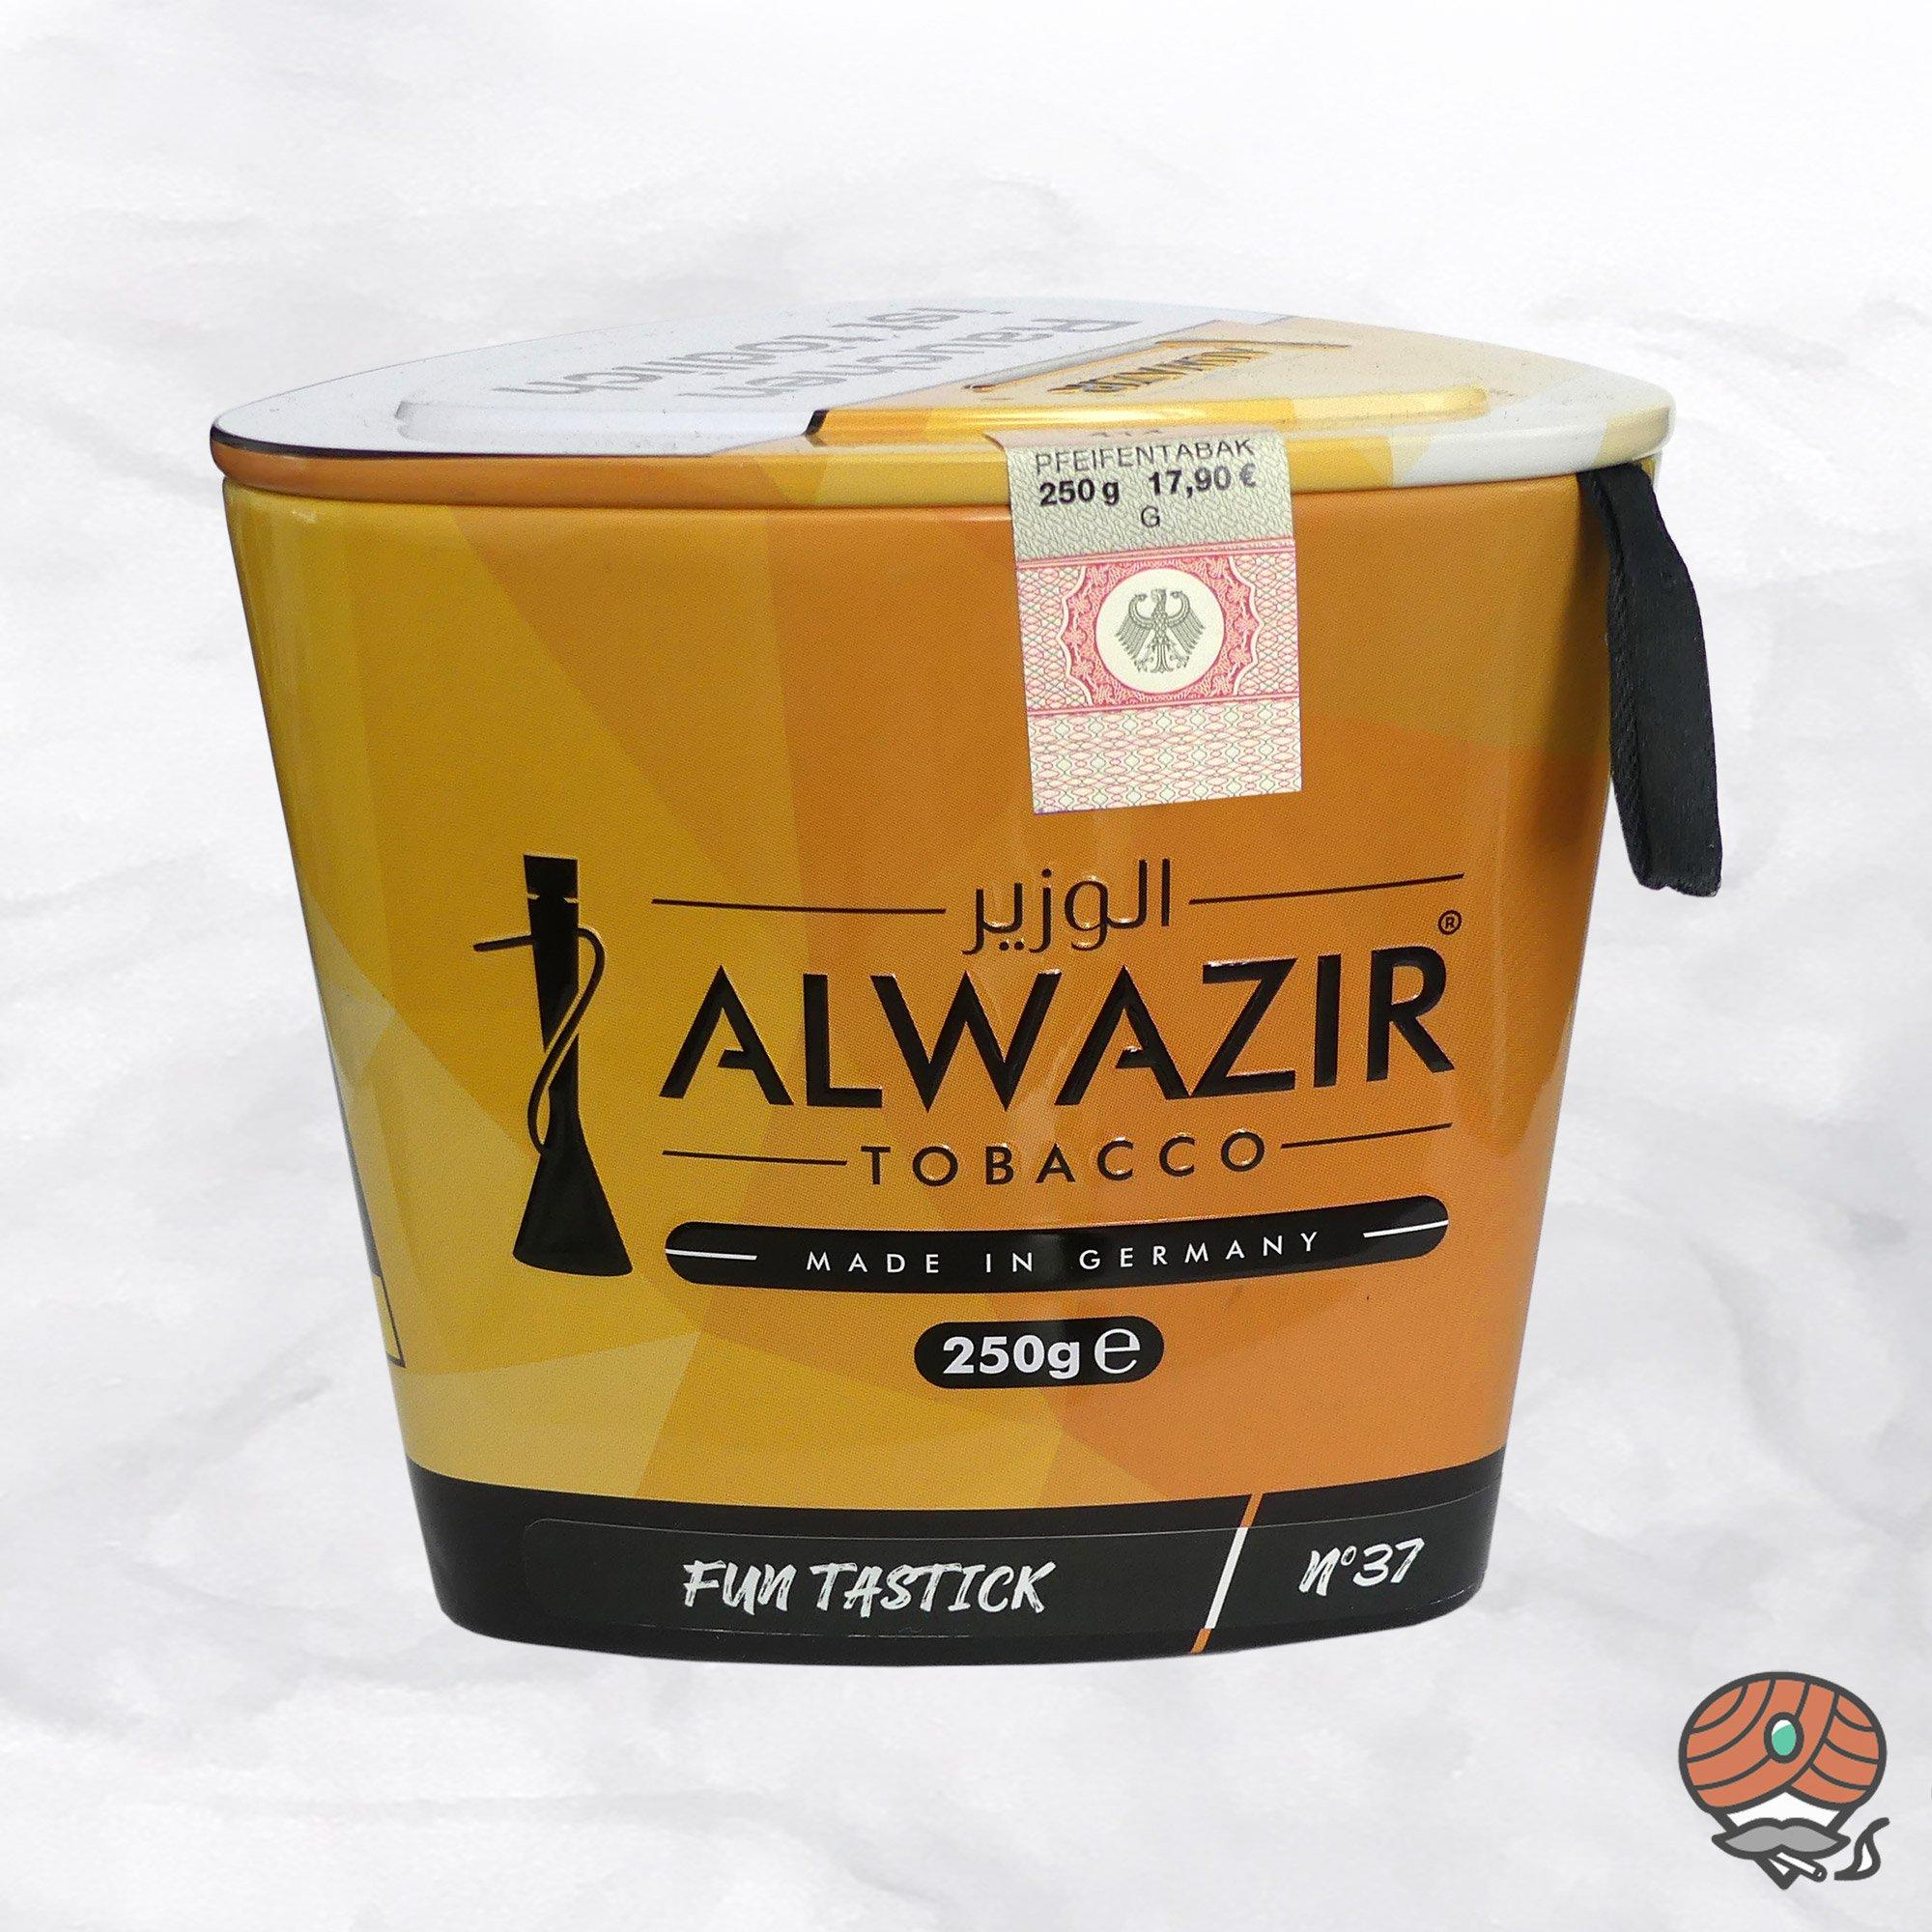 Alwazir Shisha Tabak - No. 37 - FUN TASTICK 250g